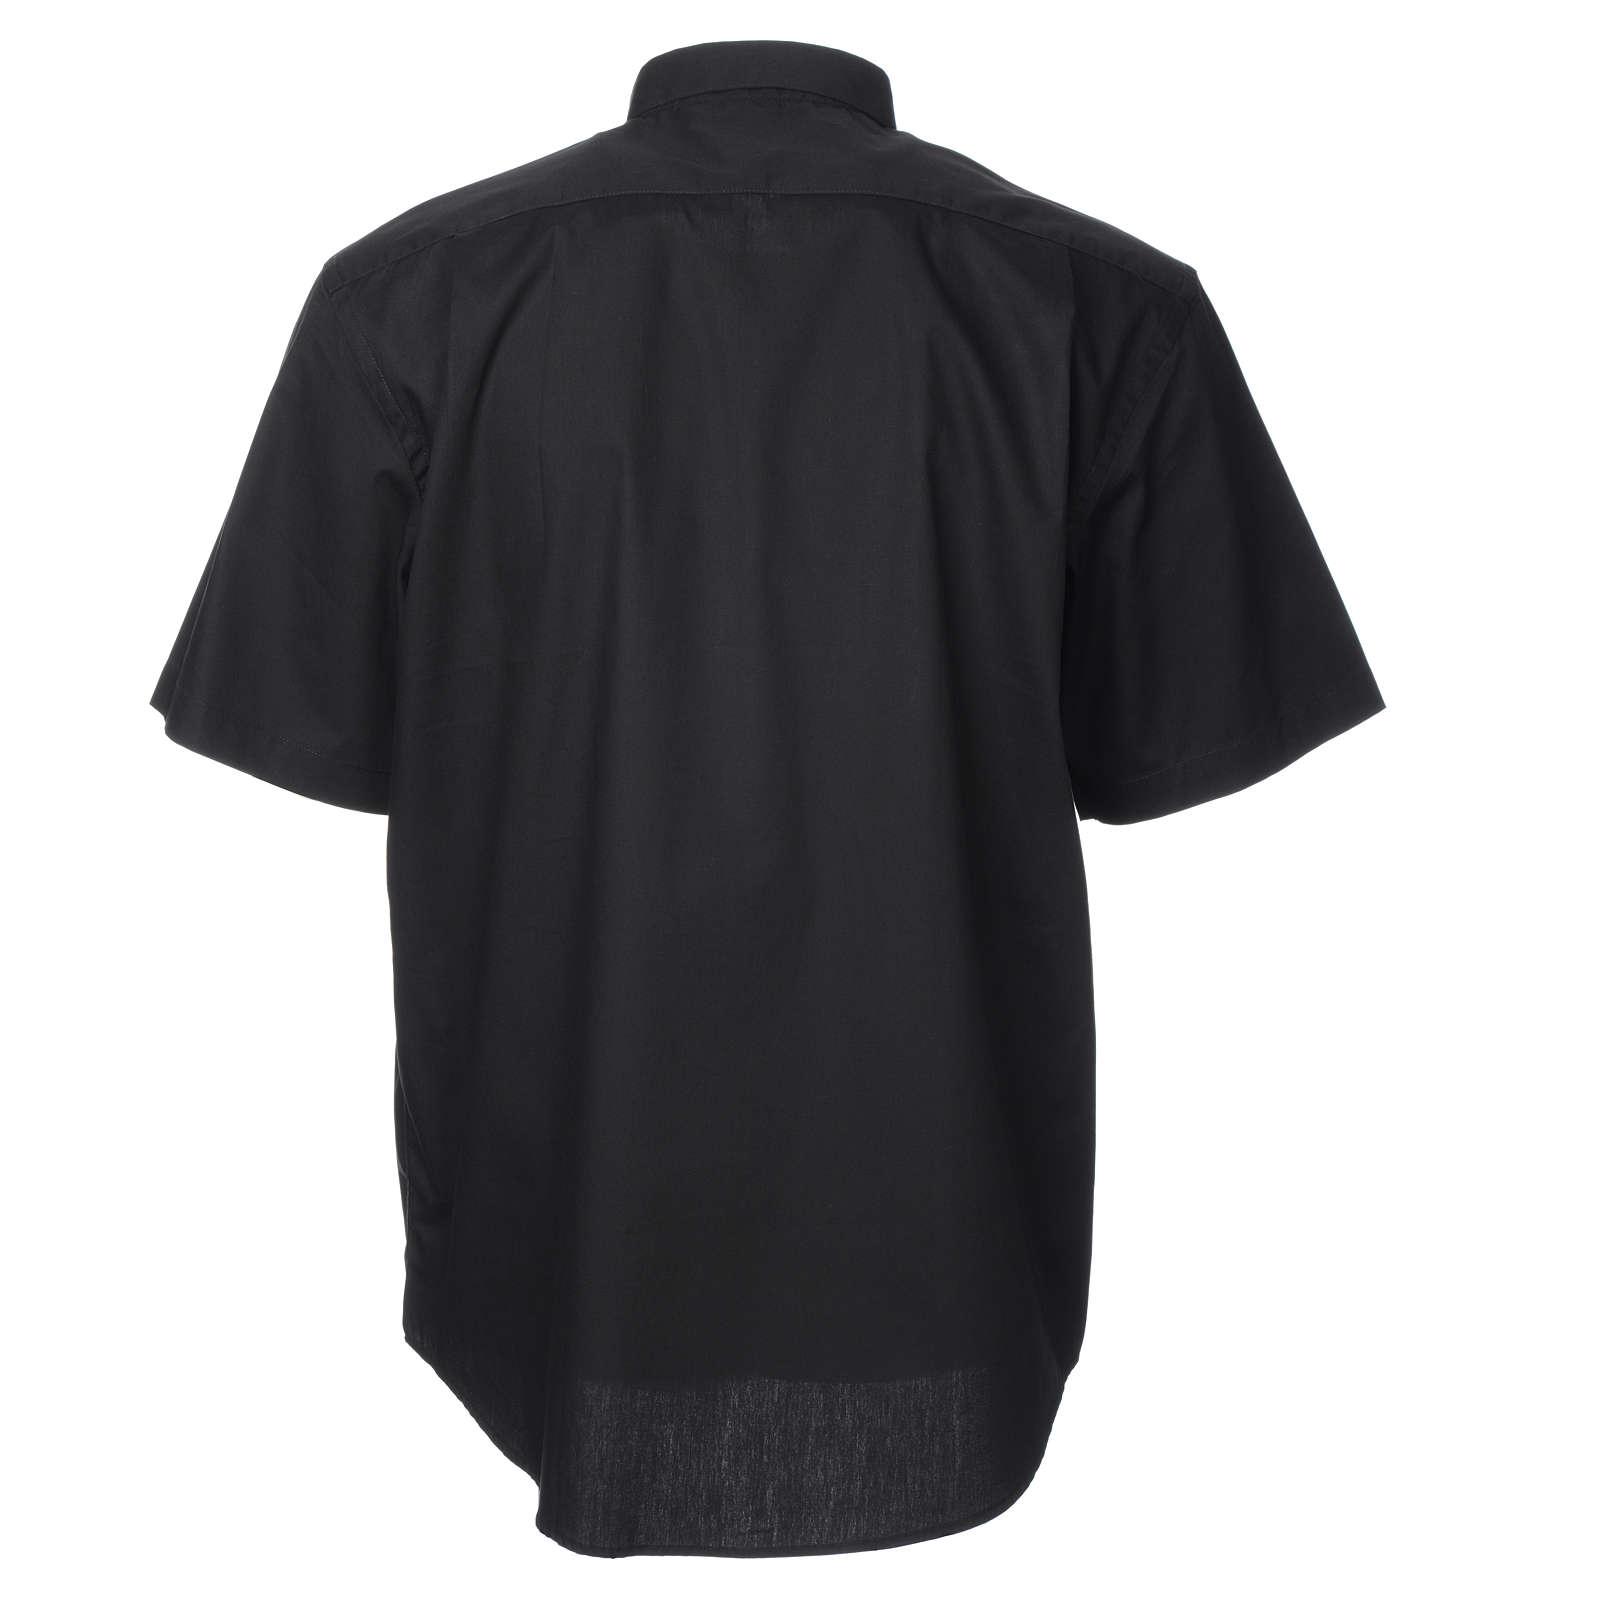 Camiseta negra manga corta